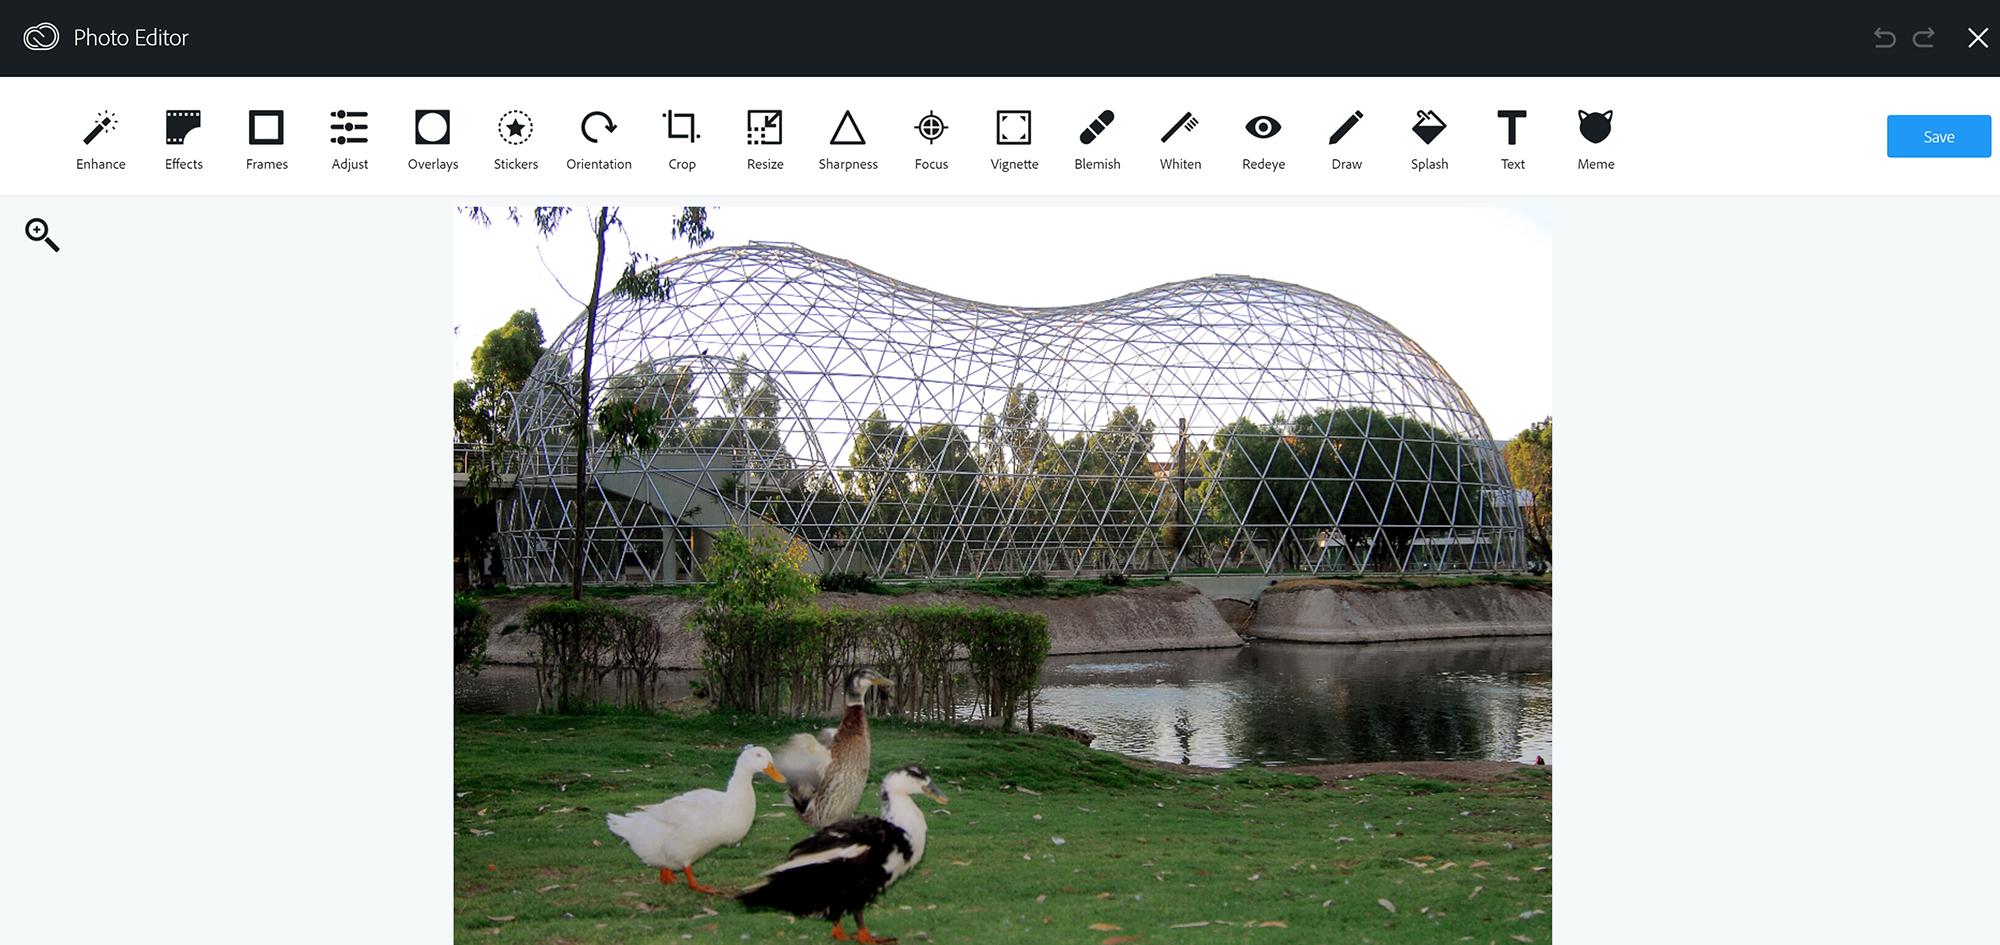 Programma per modificare immagini e foto gratis 38